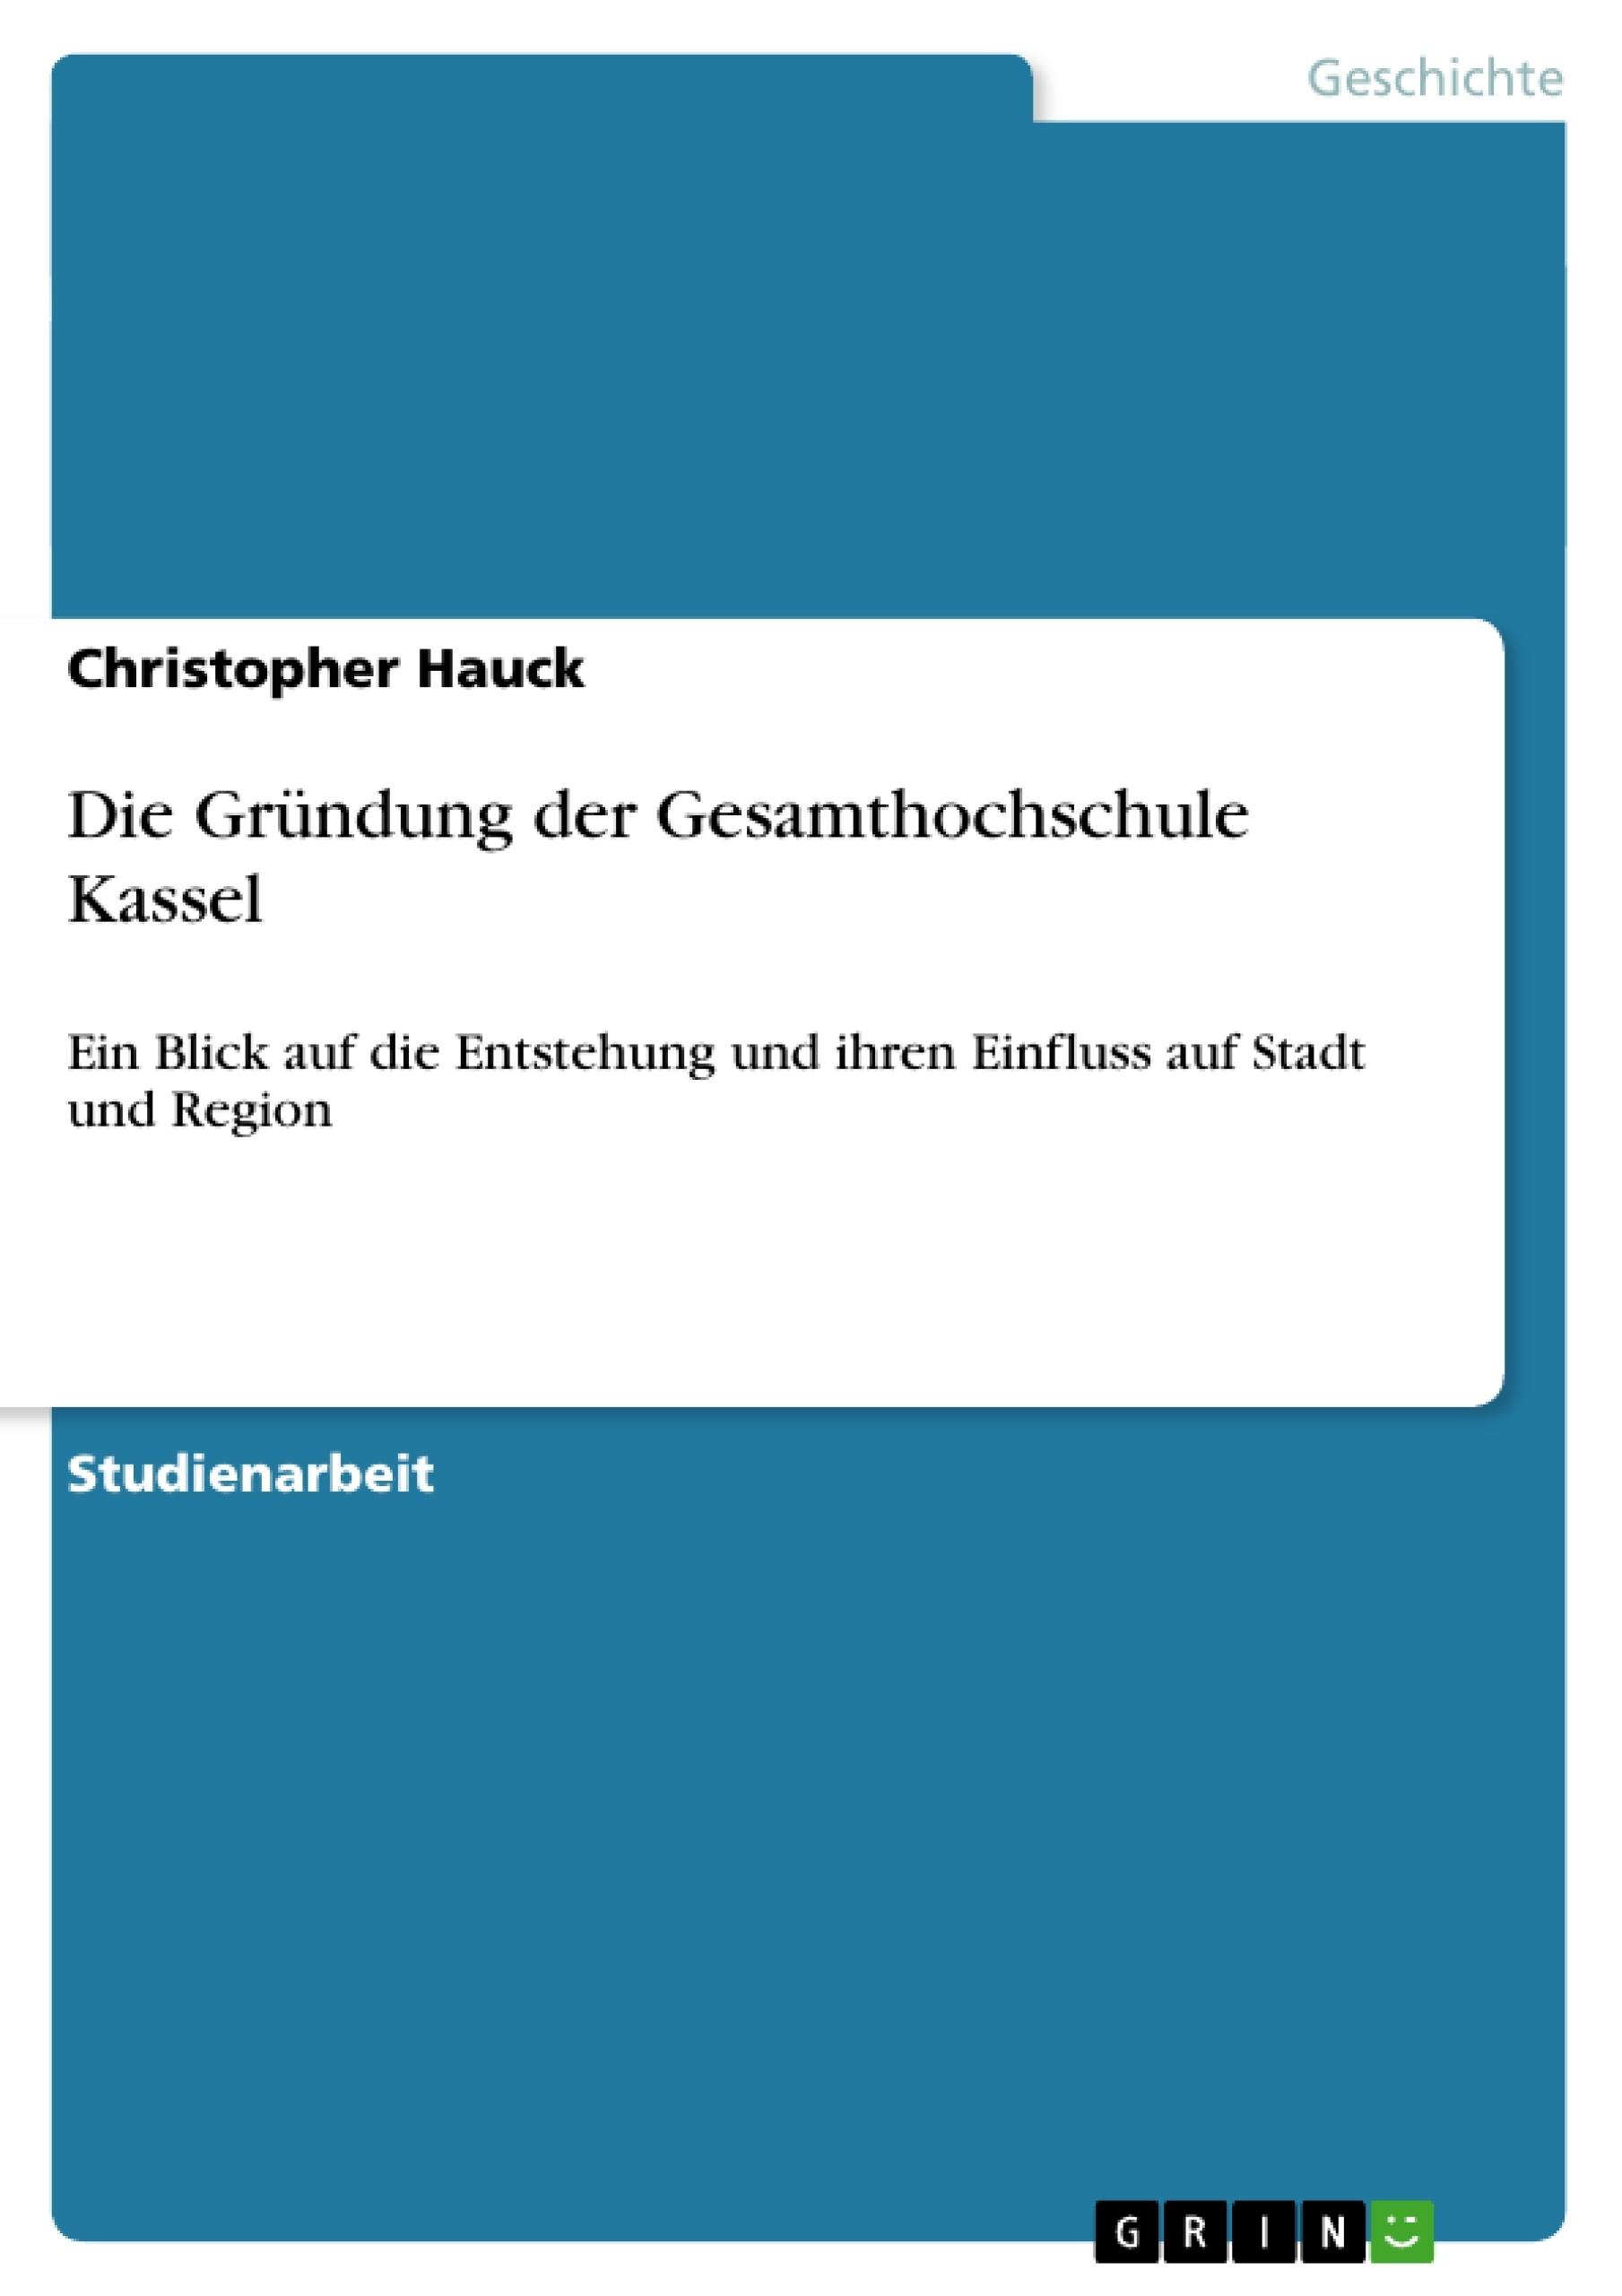 Titel: Die Gründung der Gesamthochschule Kassel